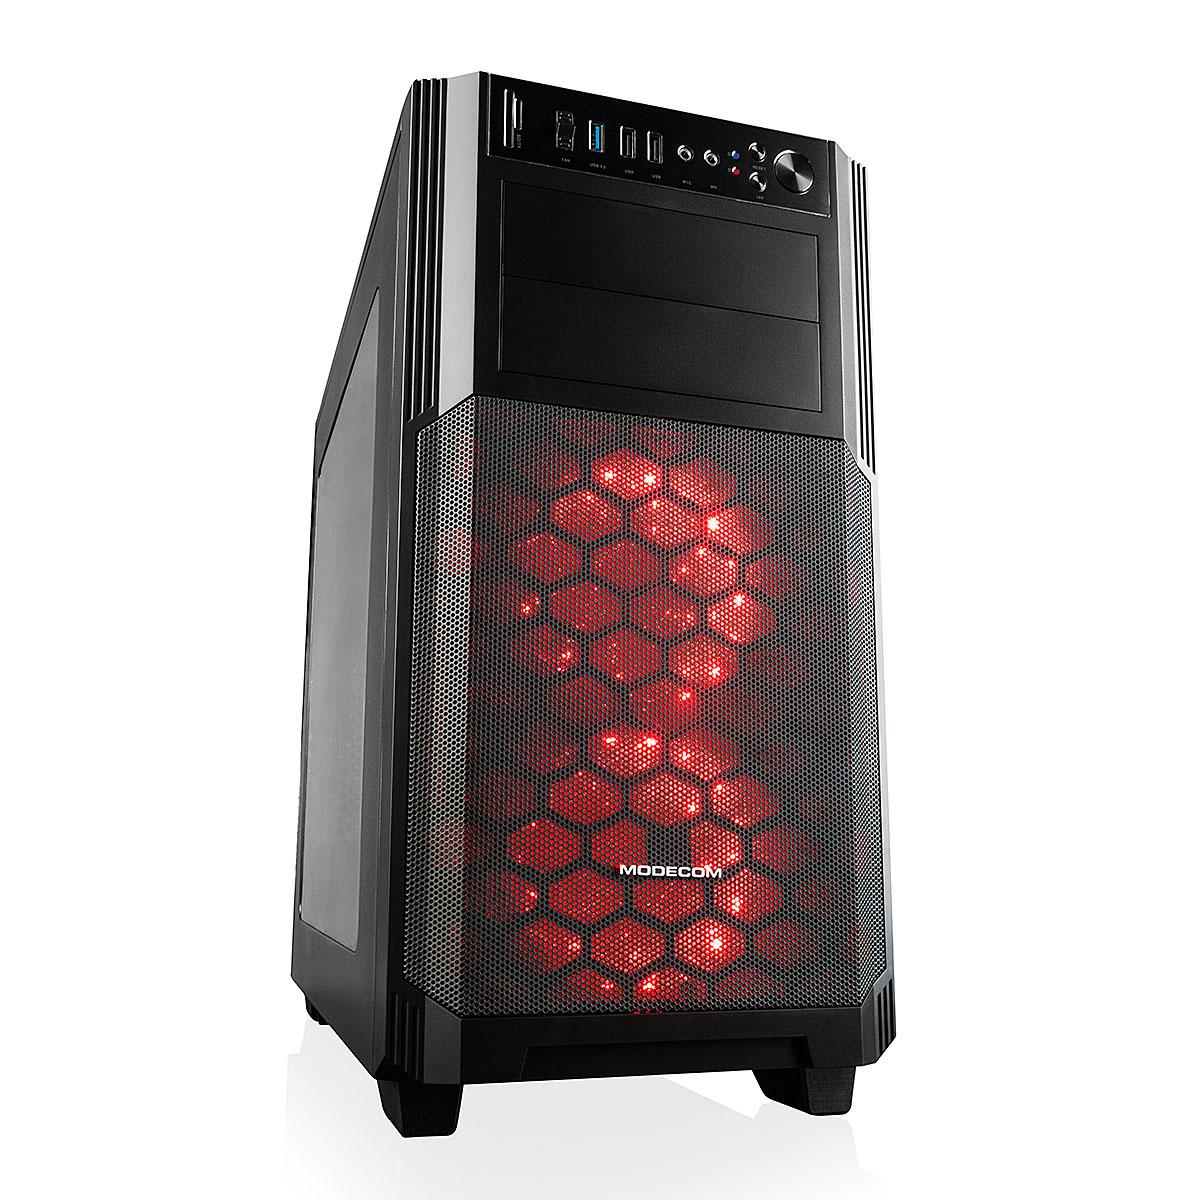 Modecom PC skříň MINI REA, 1x USB 3.0, 1x USB 2.0, HD audio, čtečka SD/TF karet, 7 barev podsvícení, černá, bez zdroje